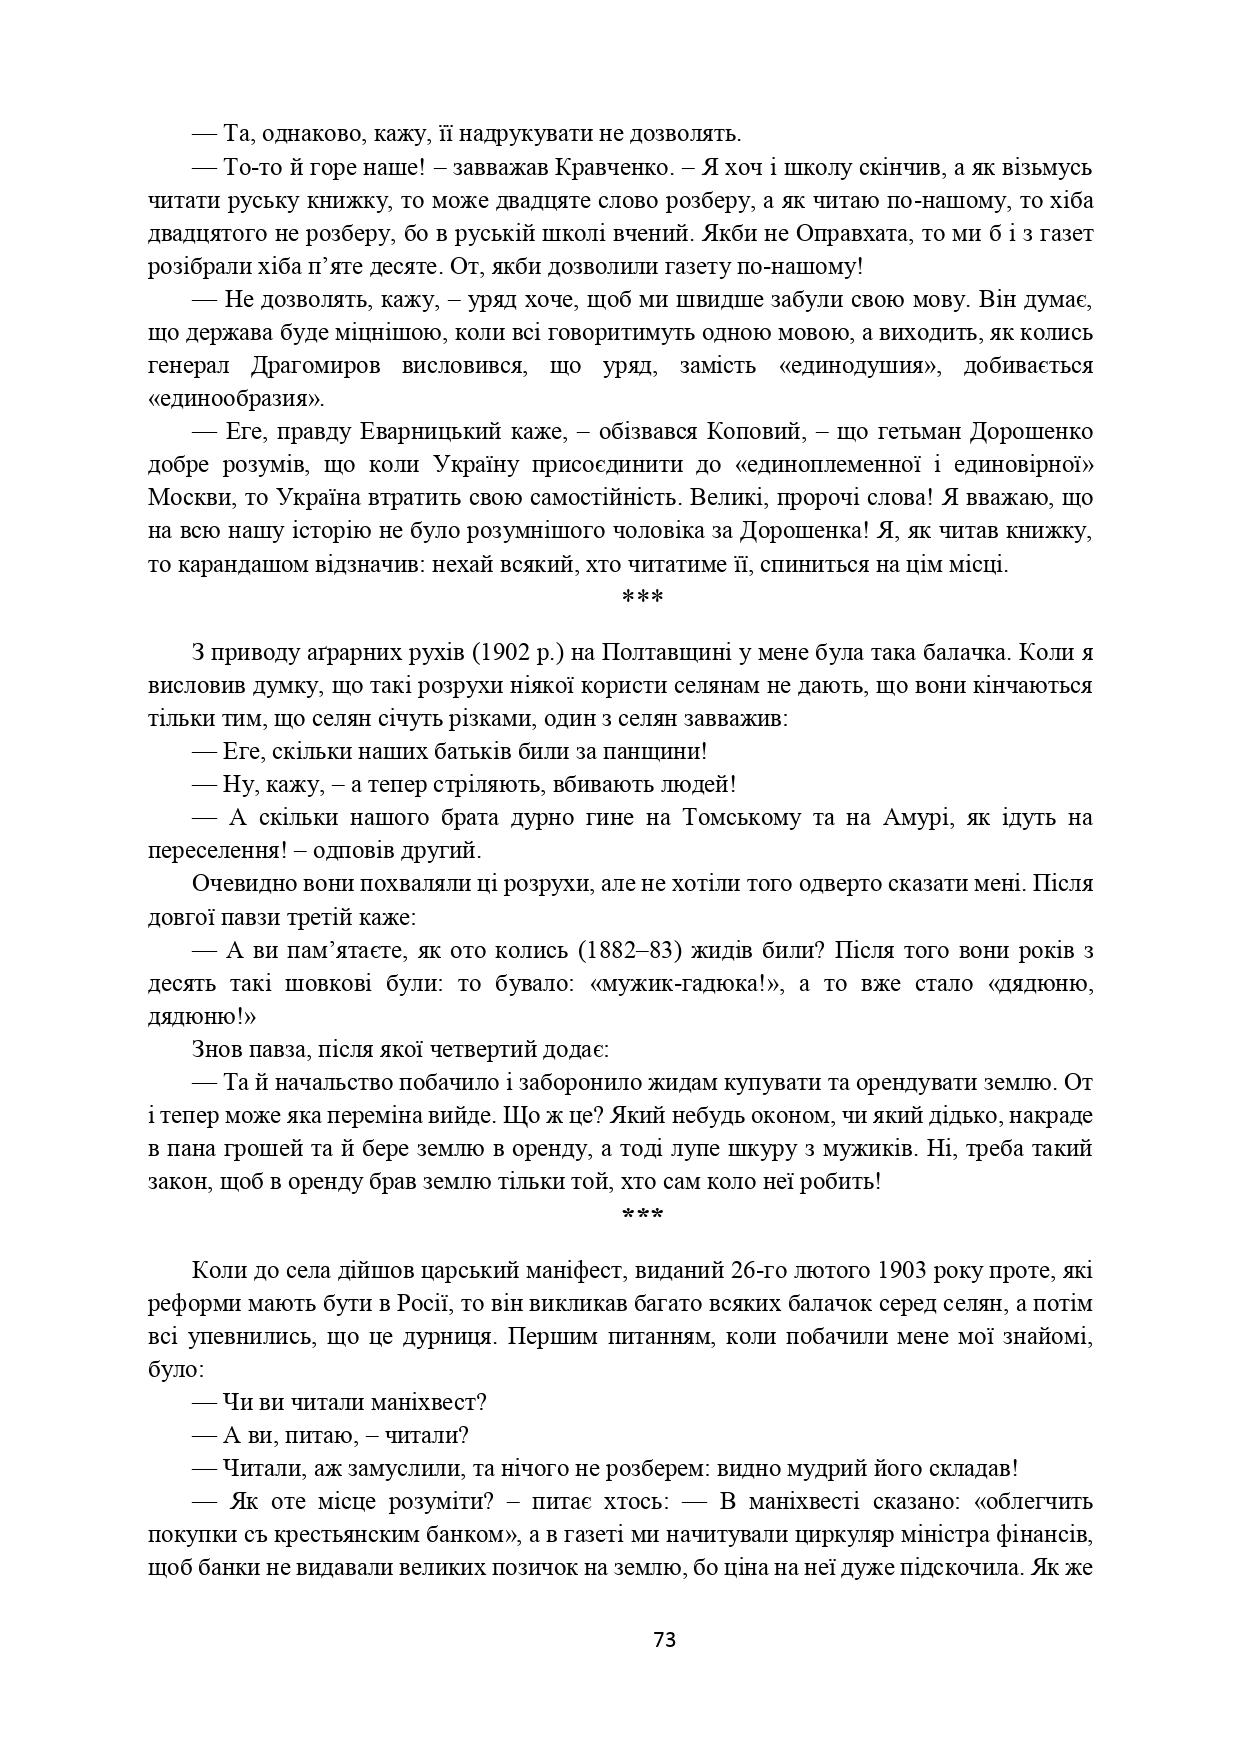 ІСТОРІЯ СЕЛА КОНОНІВКА 2021 (1)_page-0073